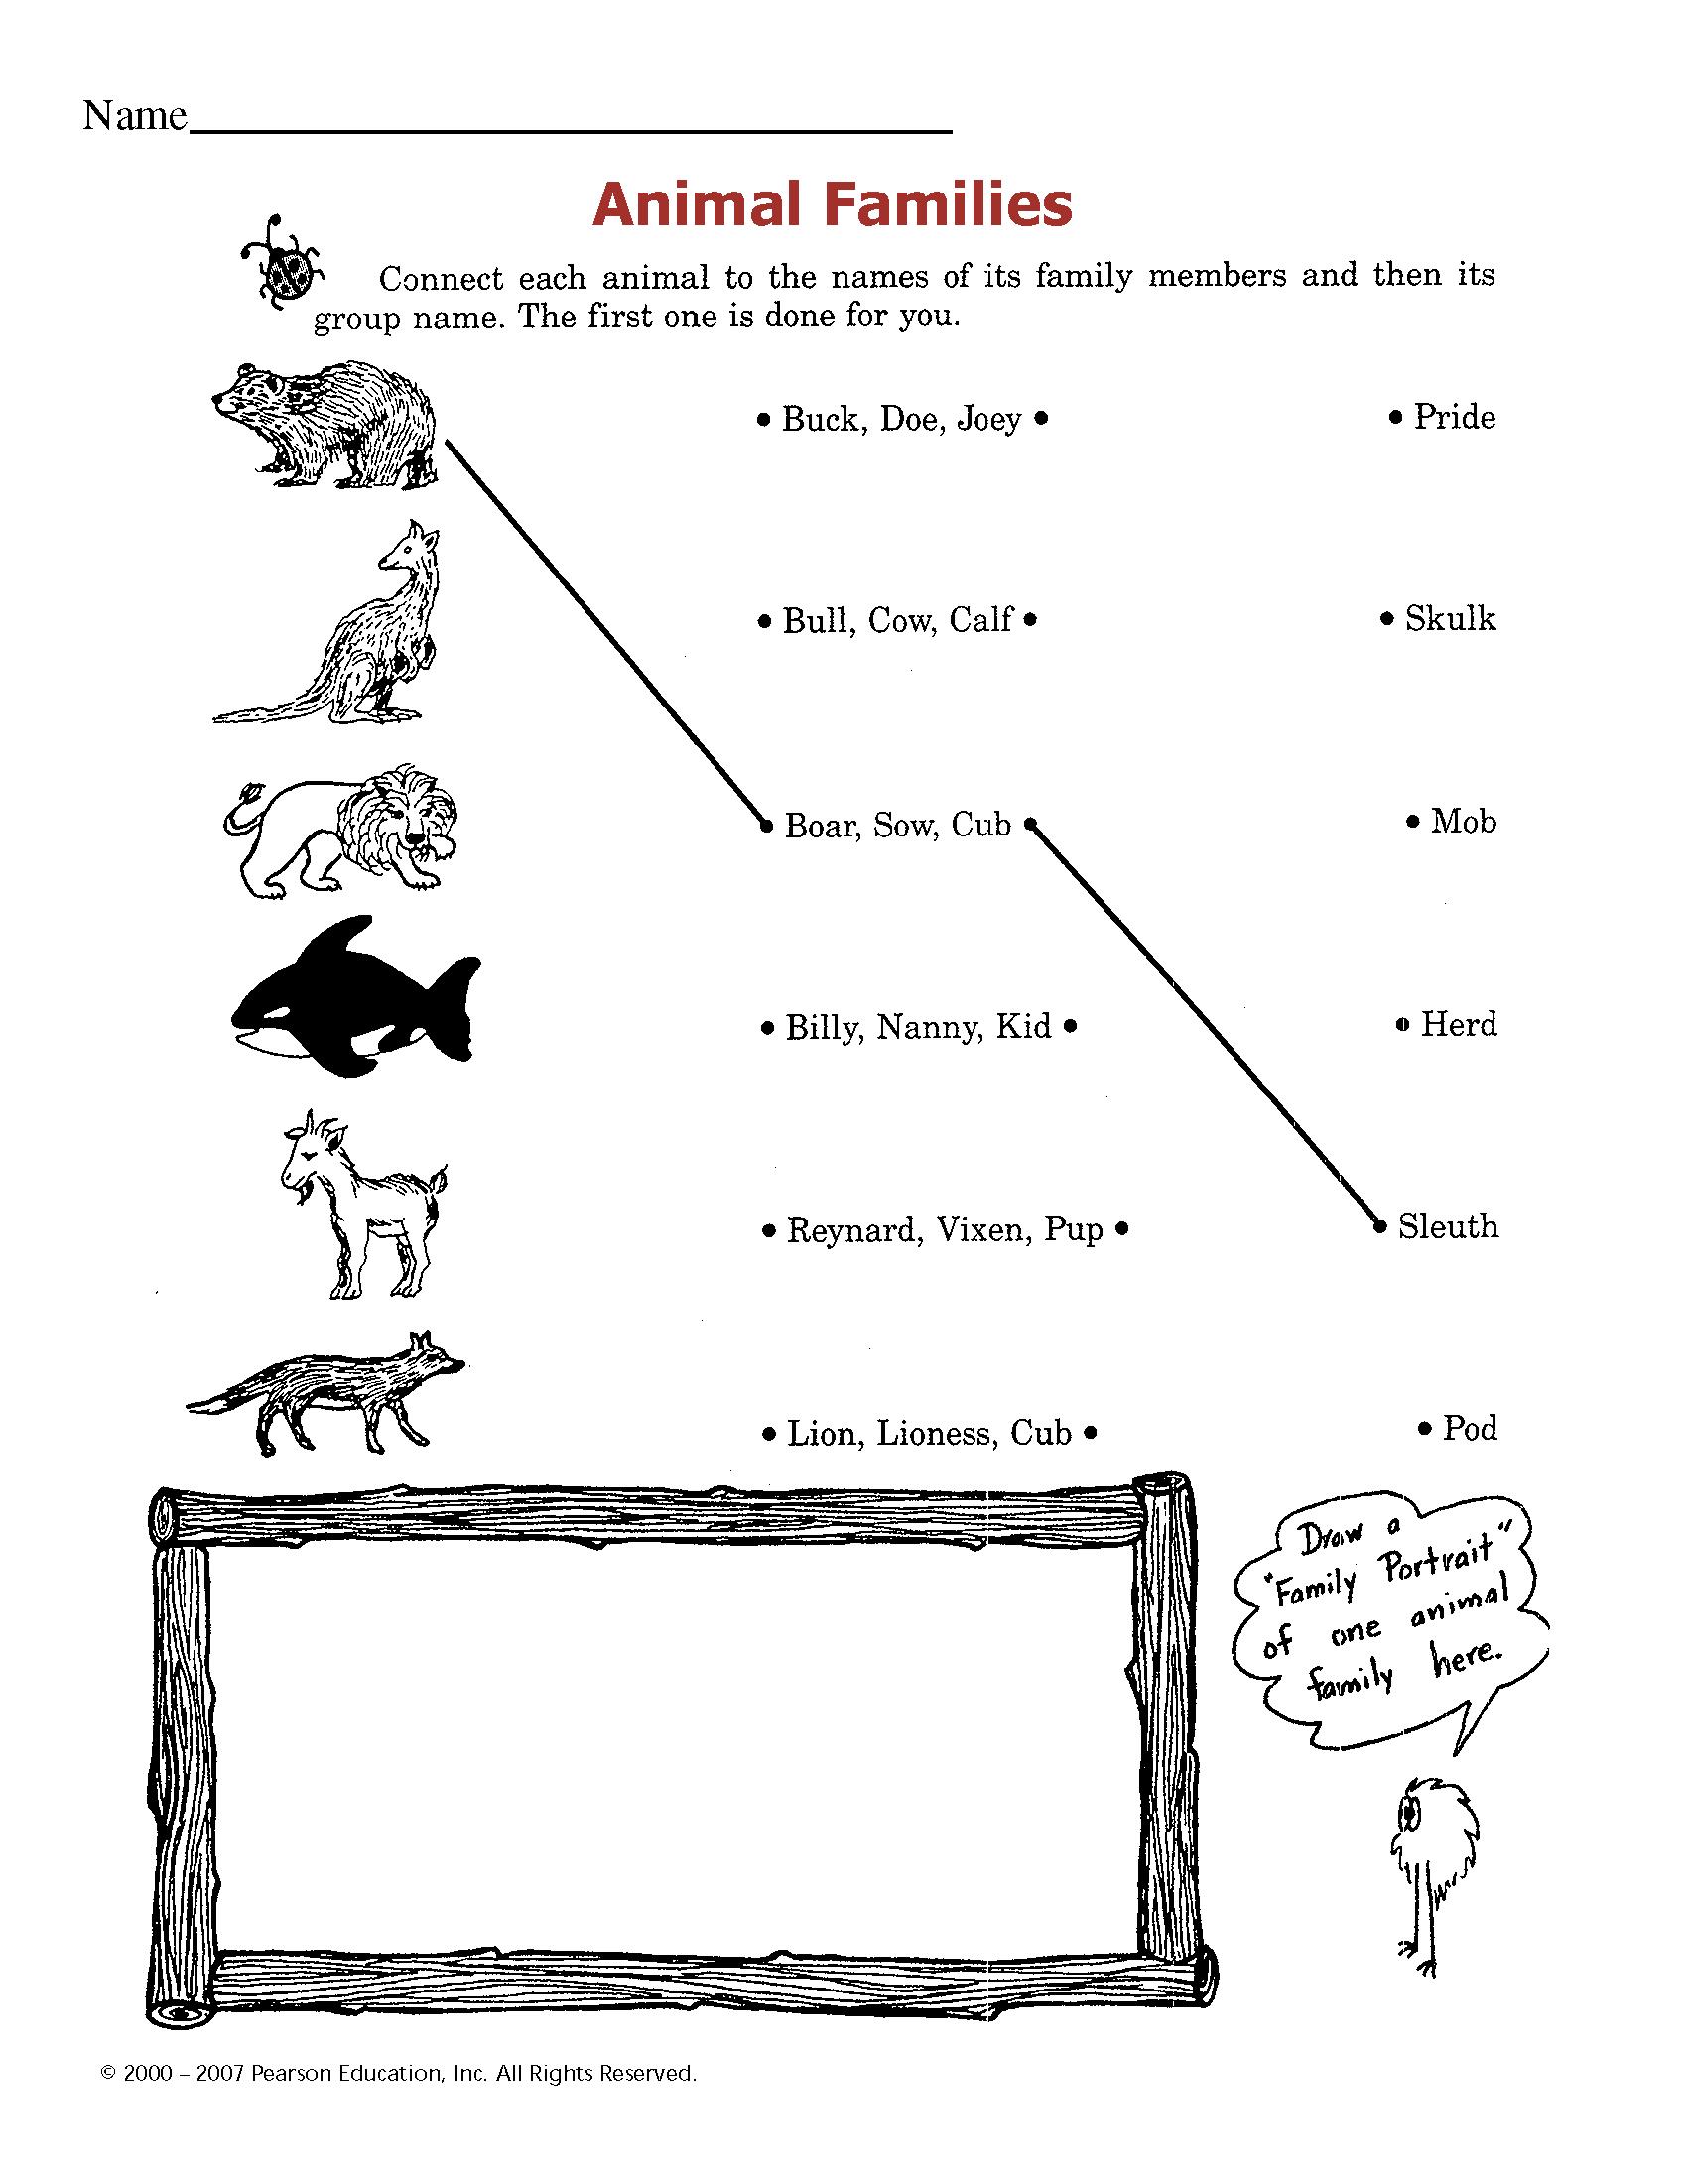 Сочинение о любимом домашнем животном на англиском языке с переводом 6 класс